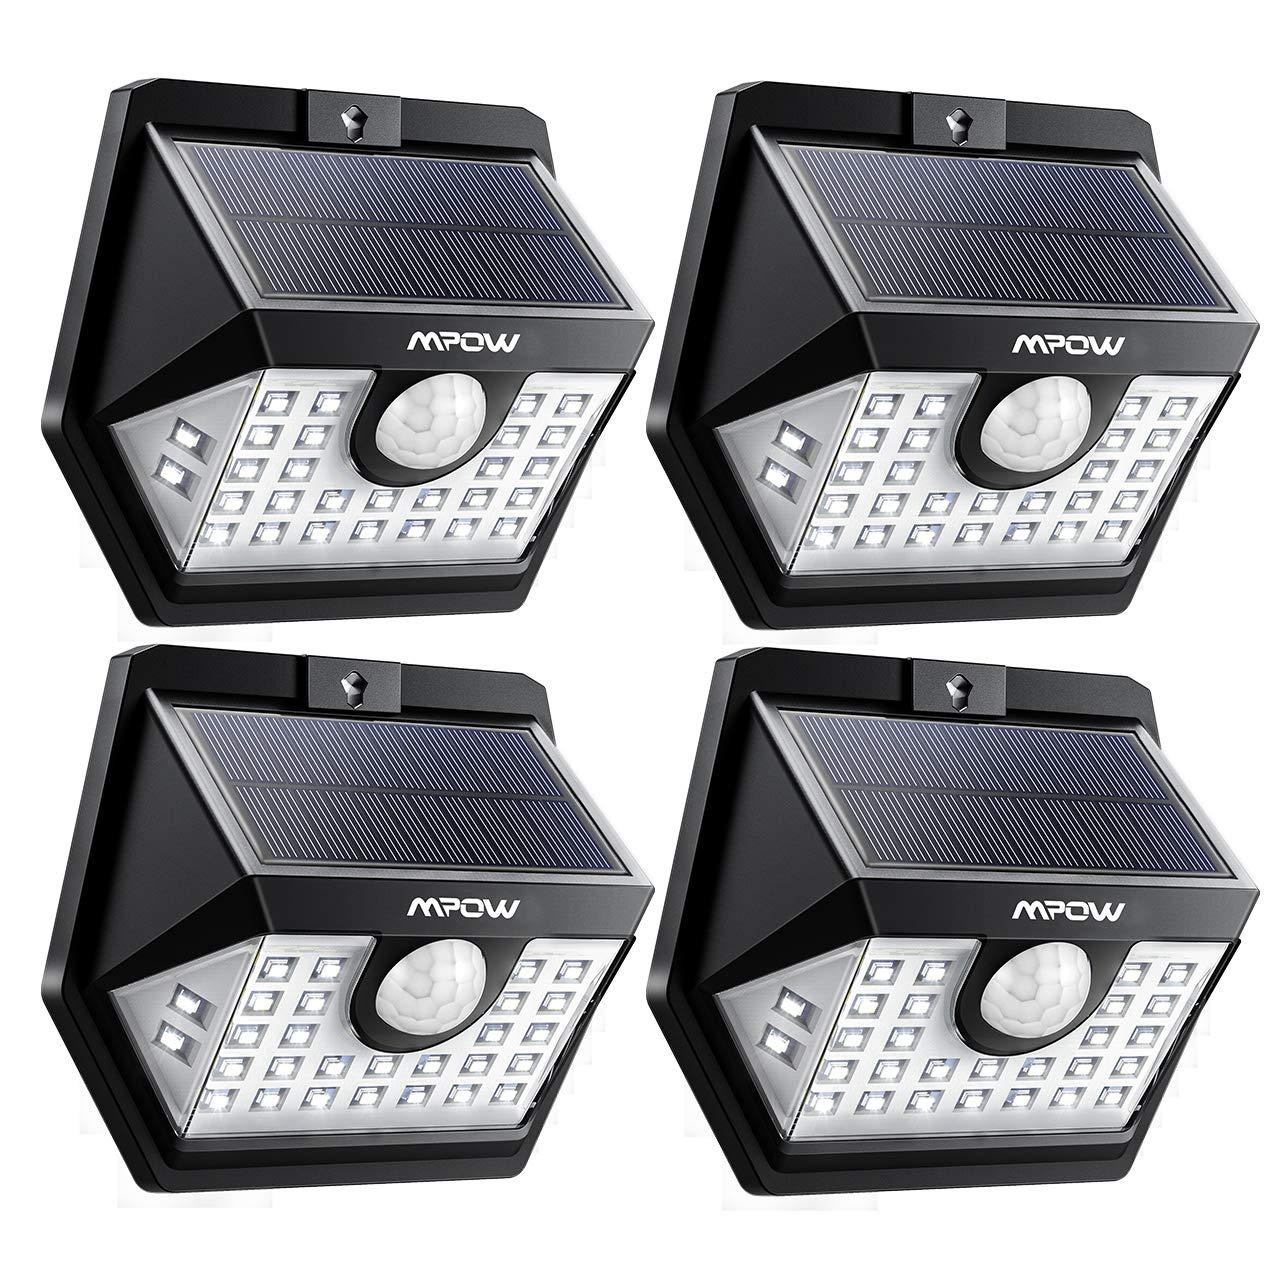 Mpow Solarlampe fü r Auß en, Weitwinkel Solarleuchte Auß en IP65 Wasserdicht Sensorkopf 30 LED Solarleuchte mit Bewegungsmelder Superhelles Weitwinkel Solarlampen fü r Garten, Garage, Balkon, Patio, Hof